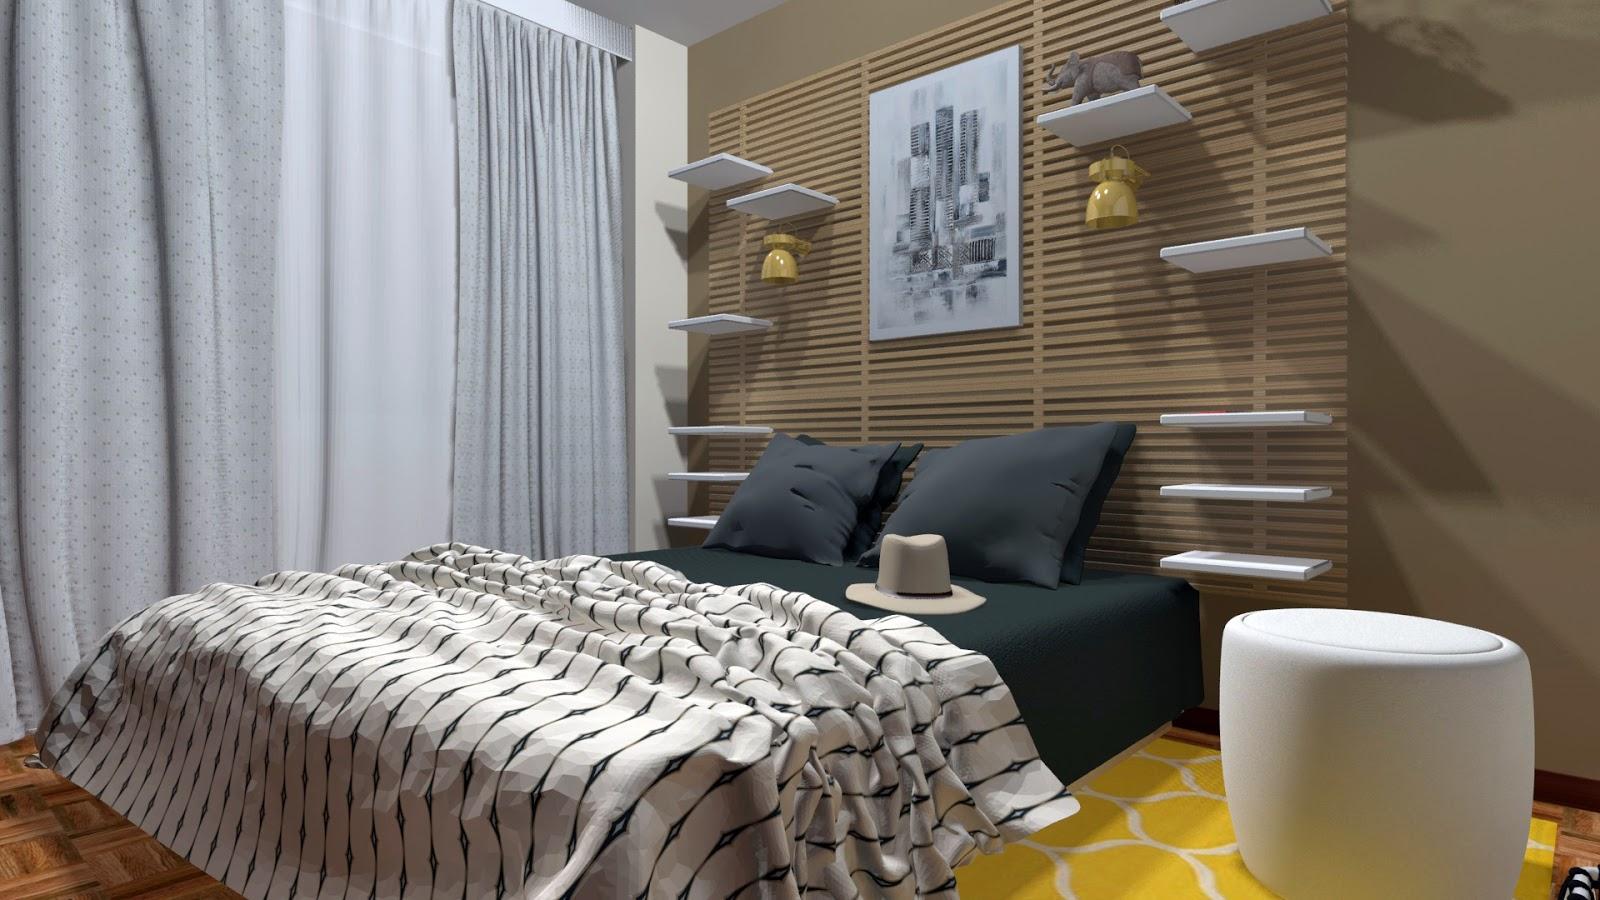 Trucos para dise ar una habitaci n decoraci n - Cabecero con almacenaje ...